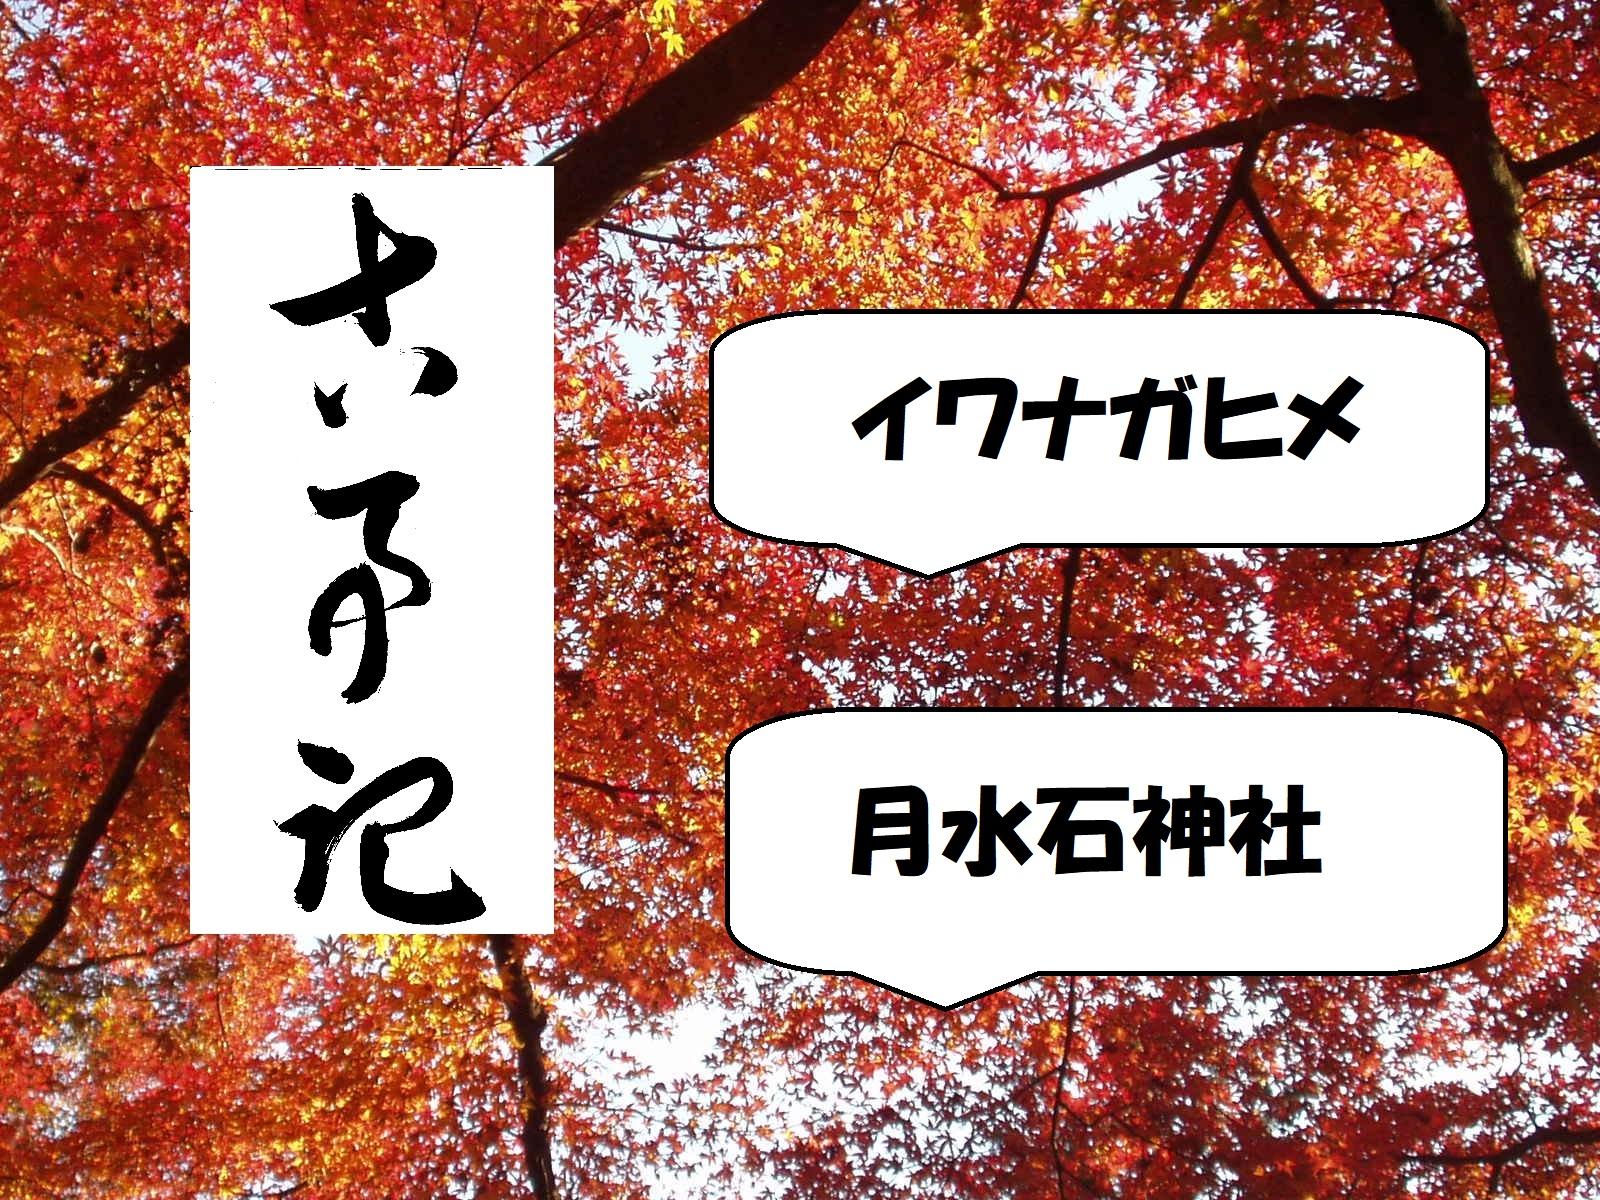 イワナガヒメ。月水石神社.jpg